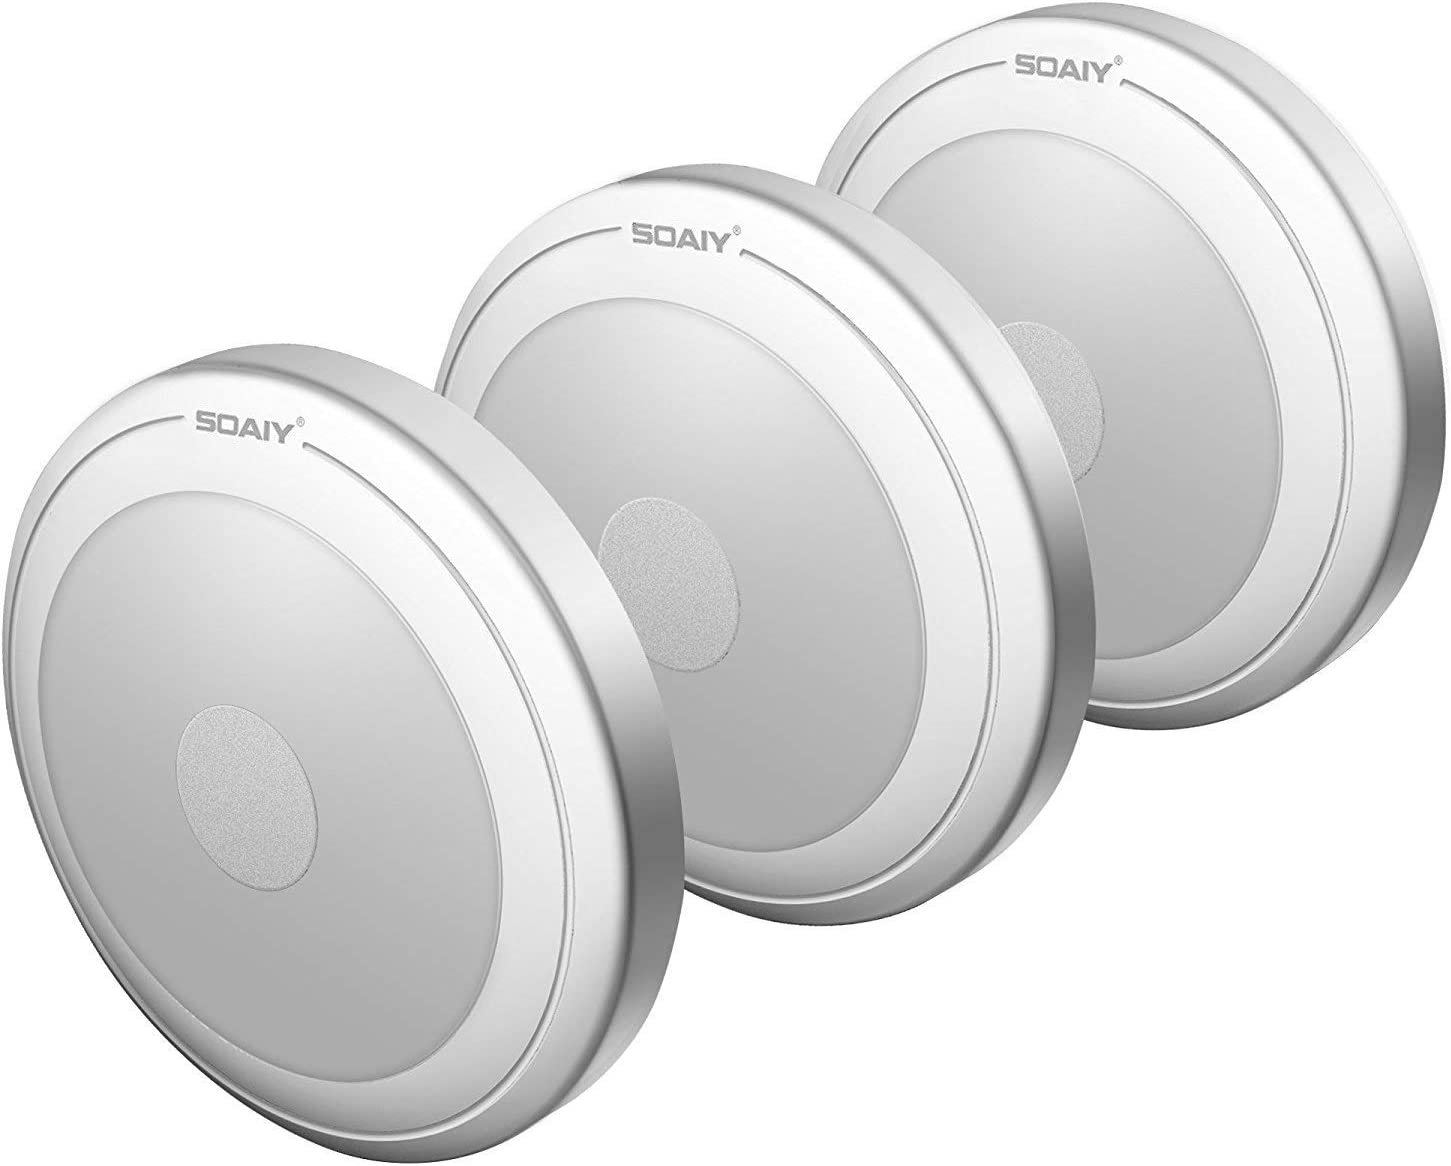 [Versión Mejorada] SOAIY - 3 PCS Luz LED Nocturna con Pilas, Lámpara con Sensor al Tacto para Armario, Habitación, Pasillos, Escaleras, Coche [Clase de eficiencia energética A++]